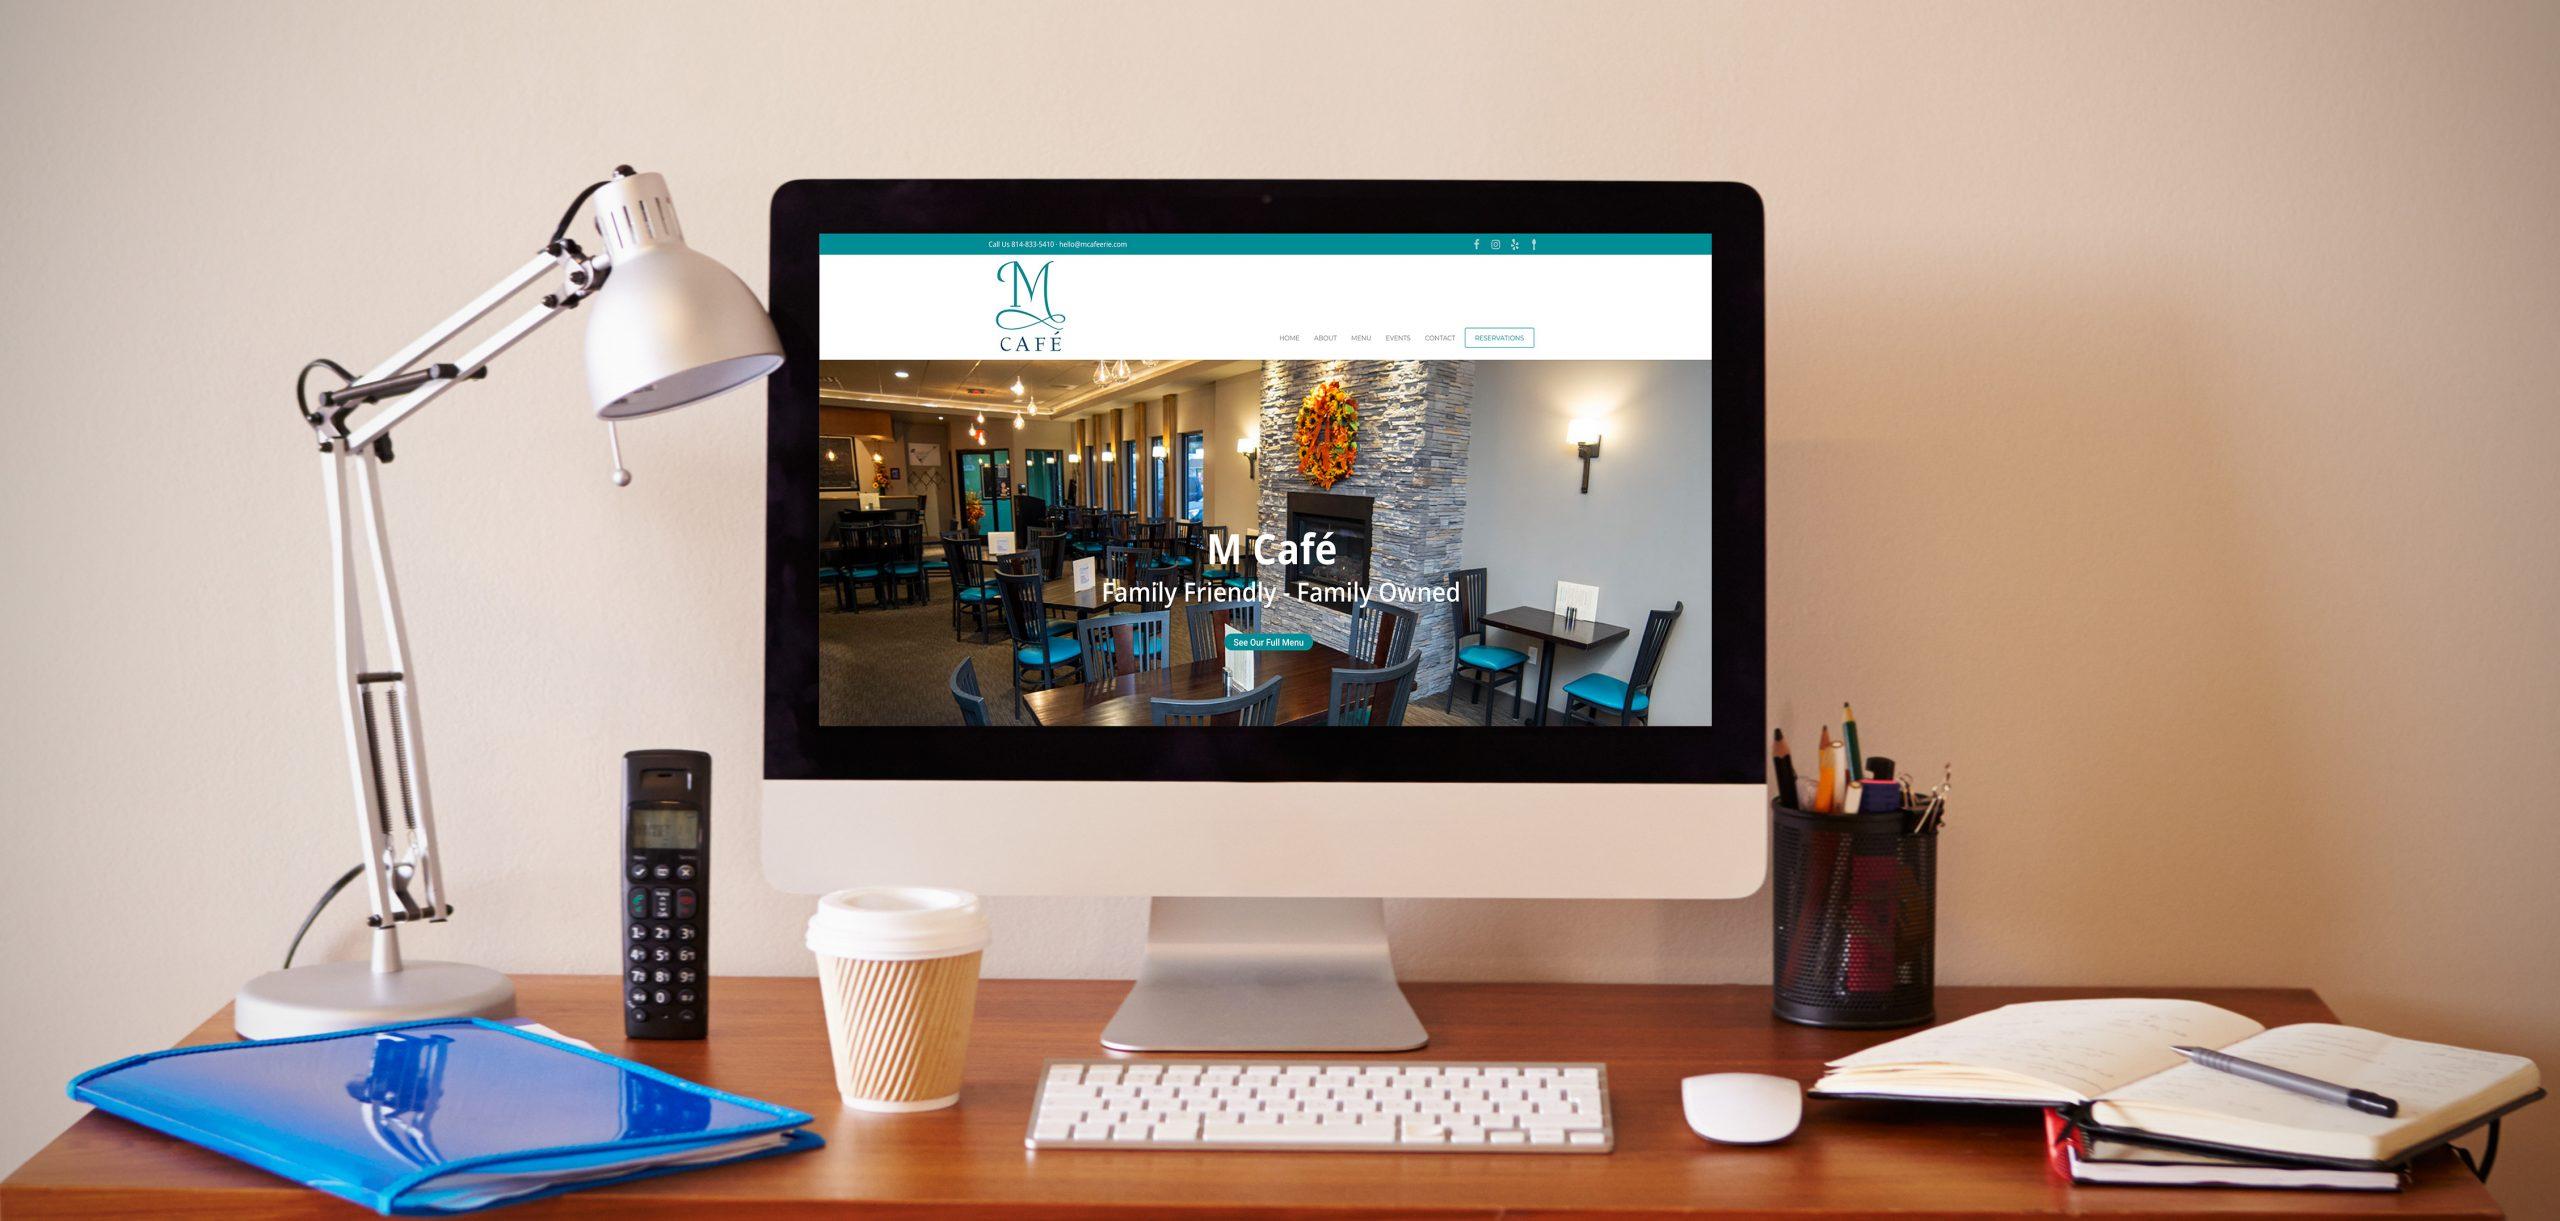 Computer on a desk showing M Cafe website